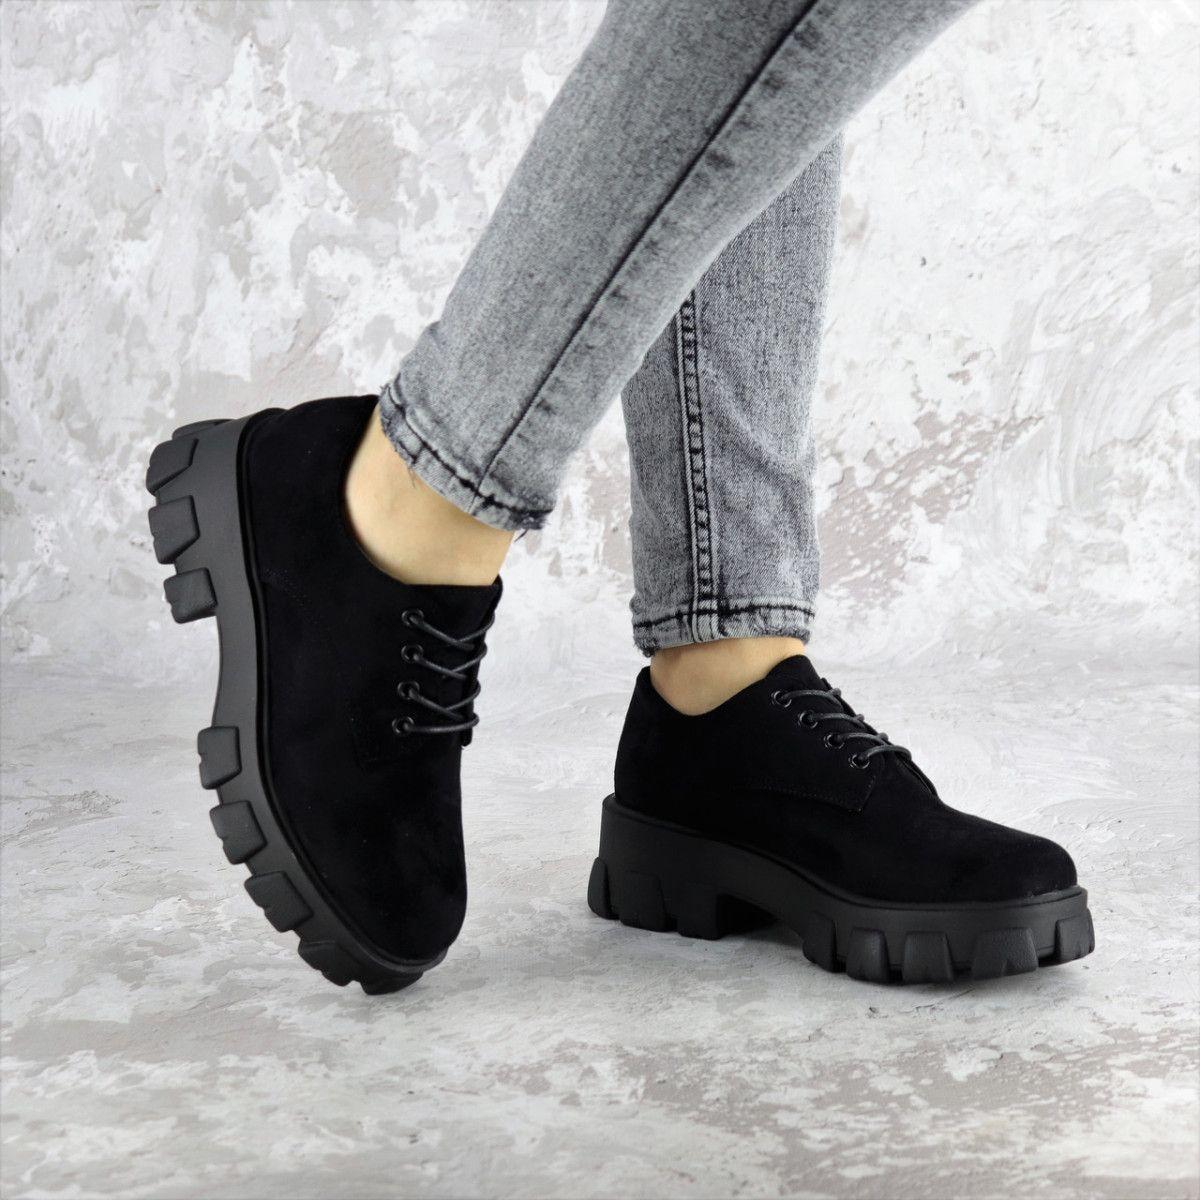 Туфли женские Fashion Chomper 2340 36 размер 23,5 см Черные